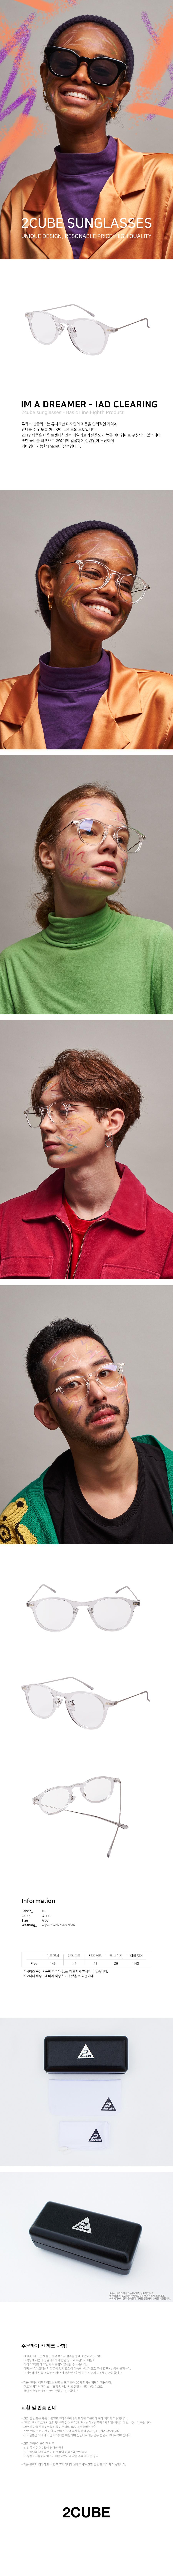 투큐브(2CUBE) IAD CLEARING 안경 (투명)